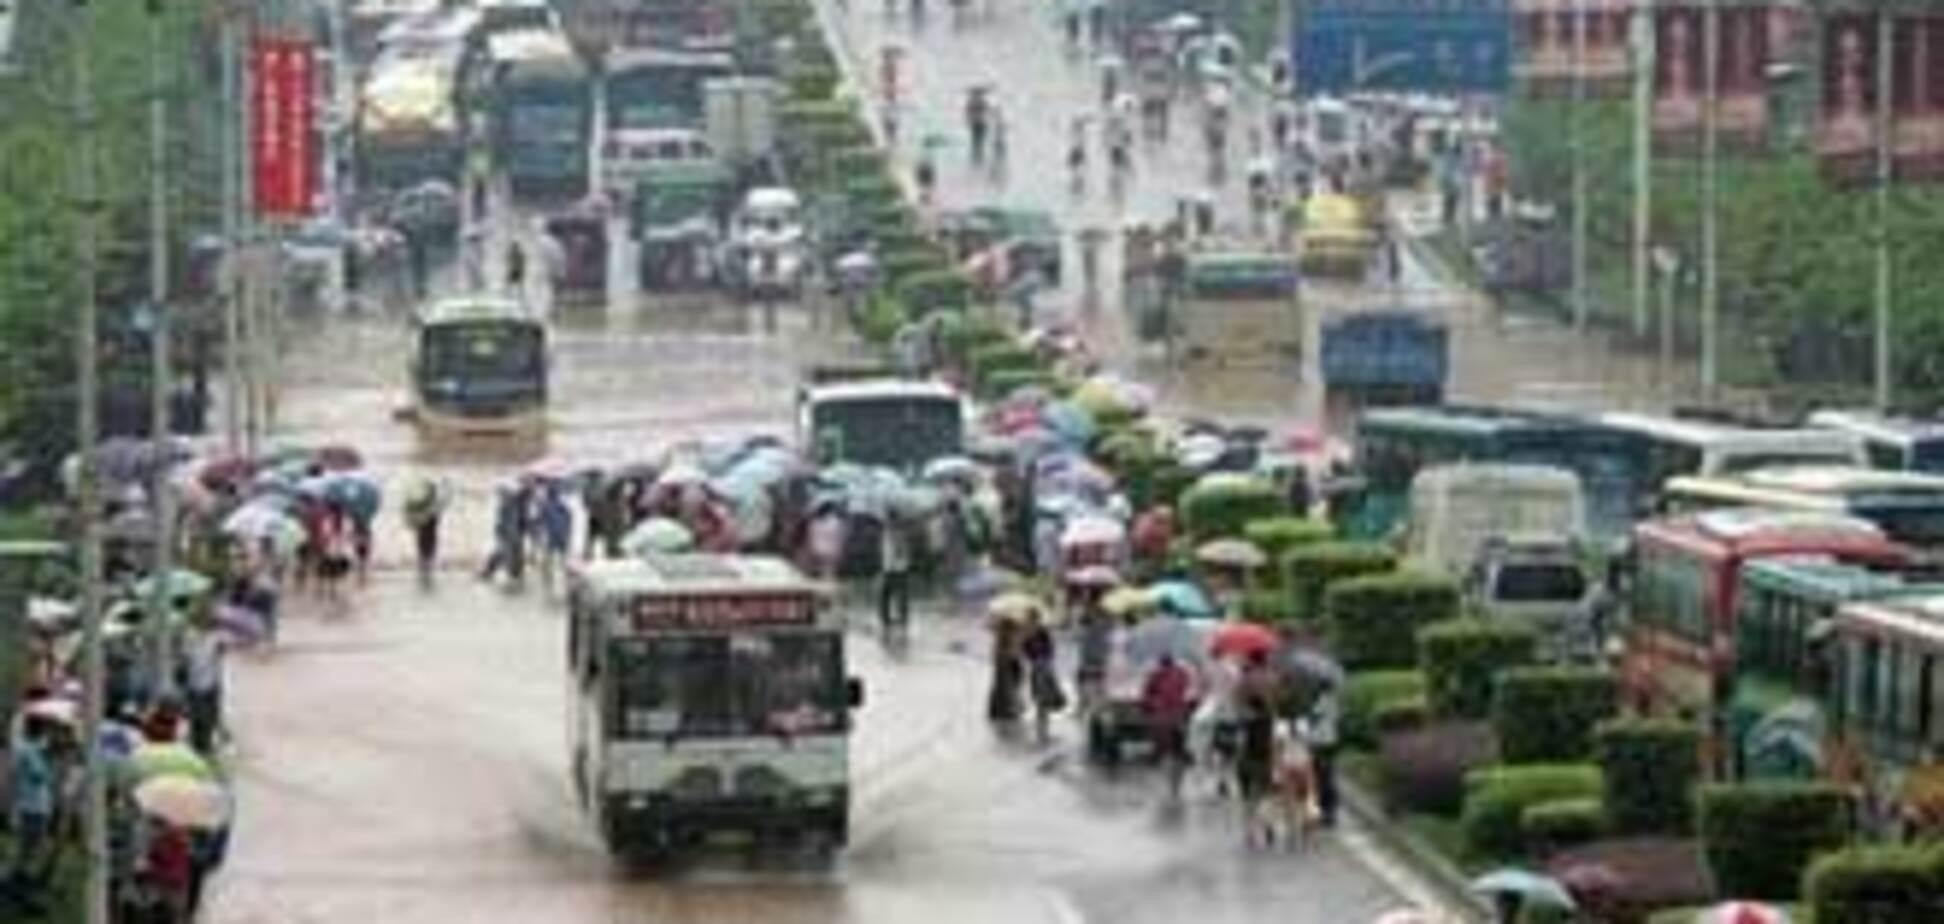 Ливни в Китае привели к эвакуации 12 тысяч жителей